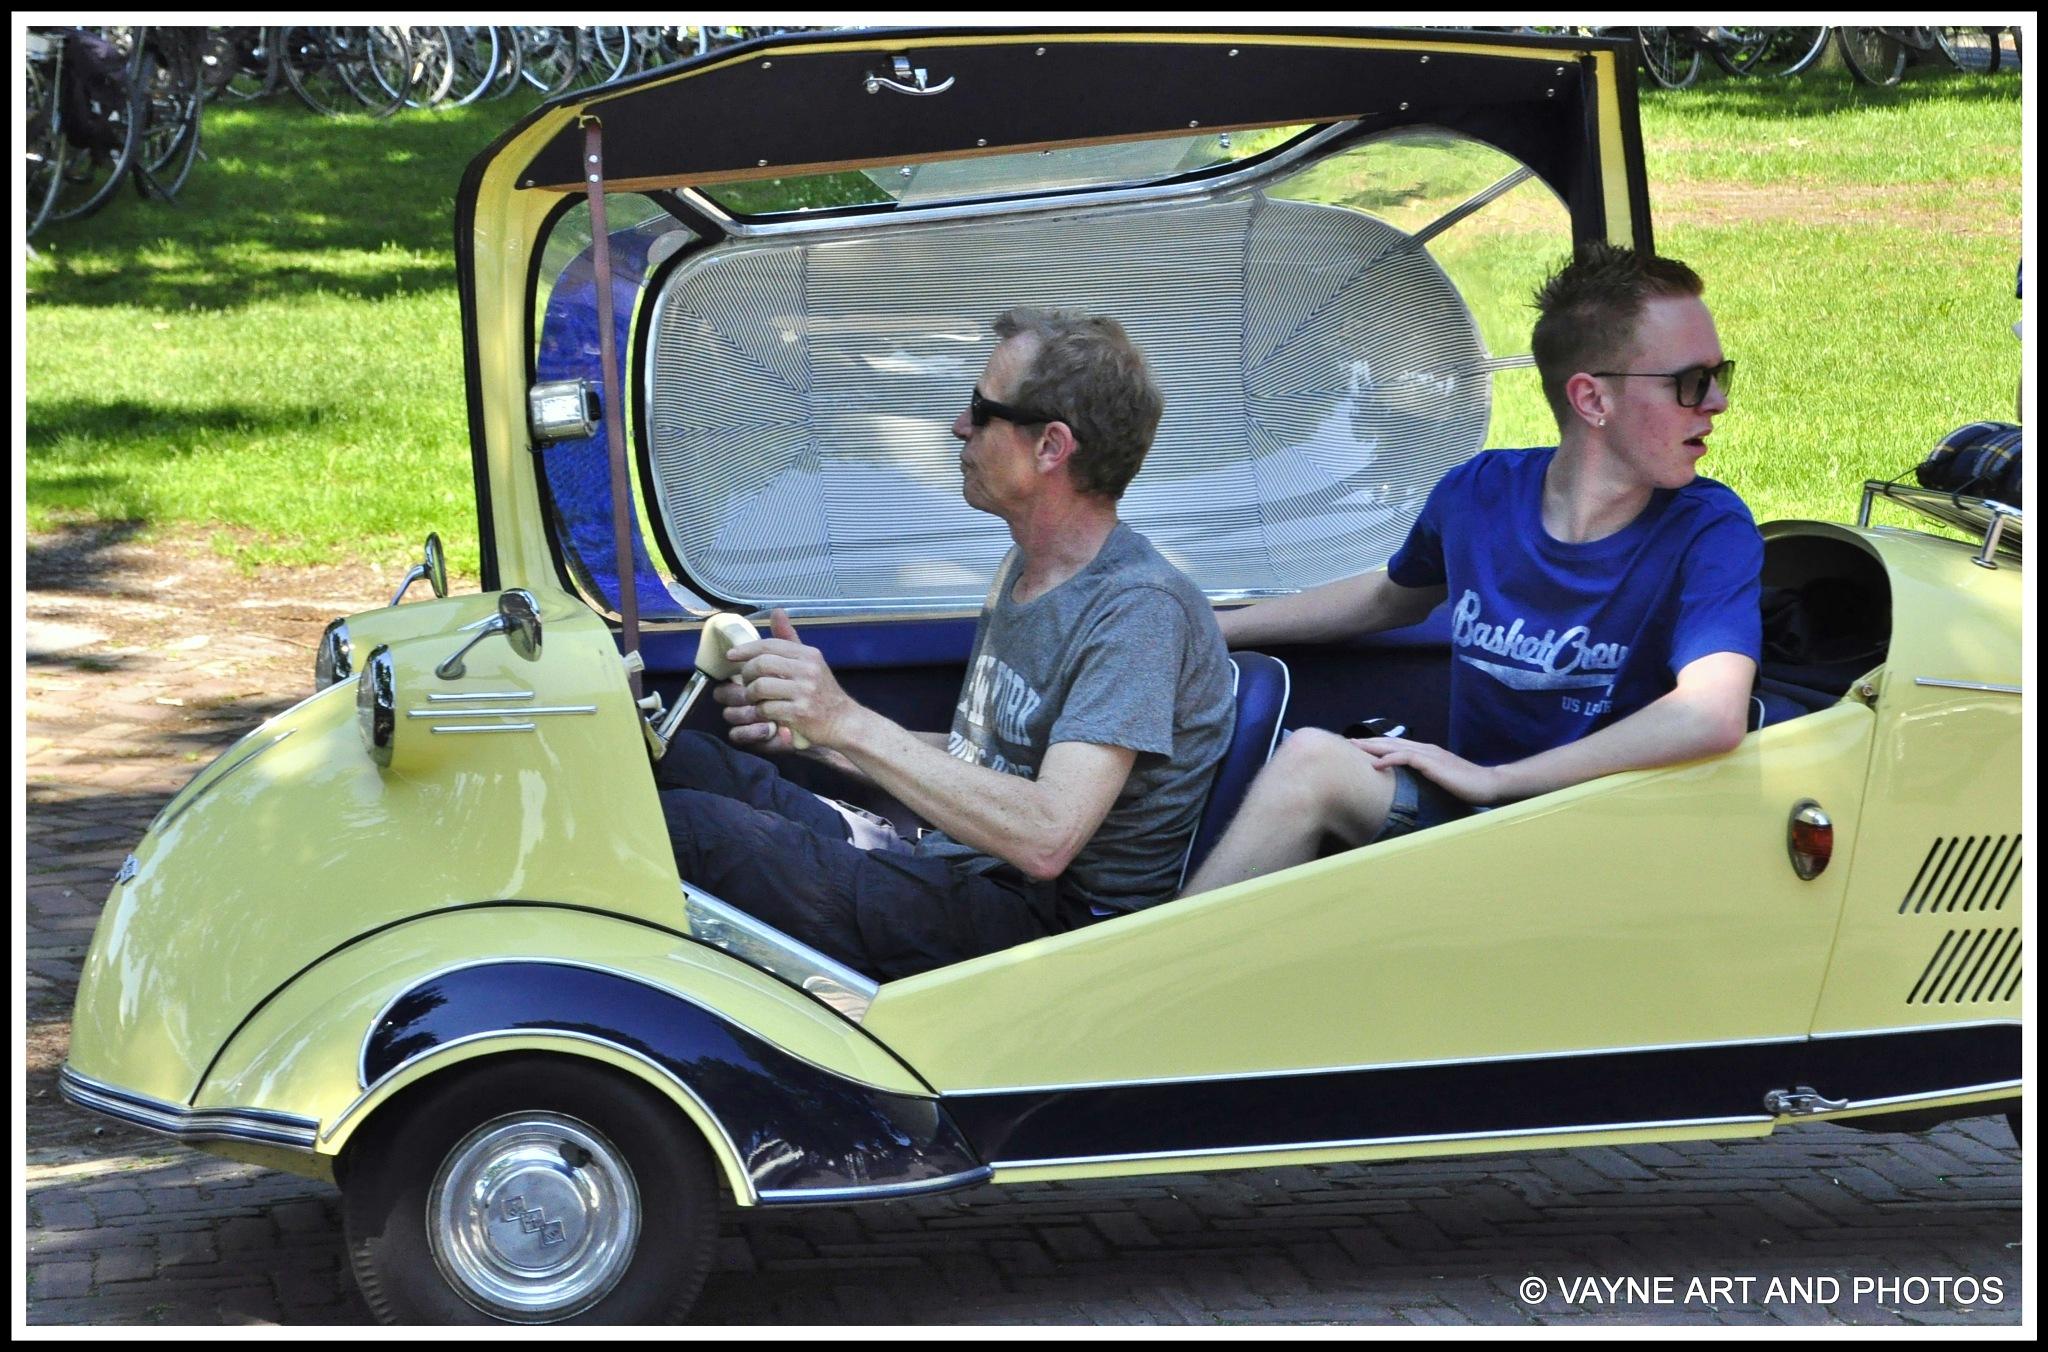 Special summer car by Jacob van der Veen